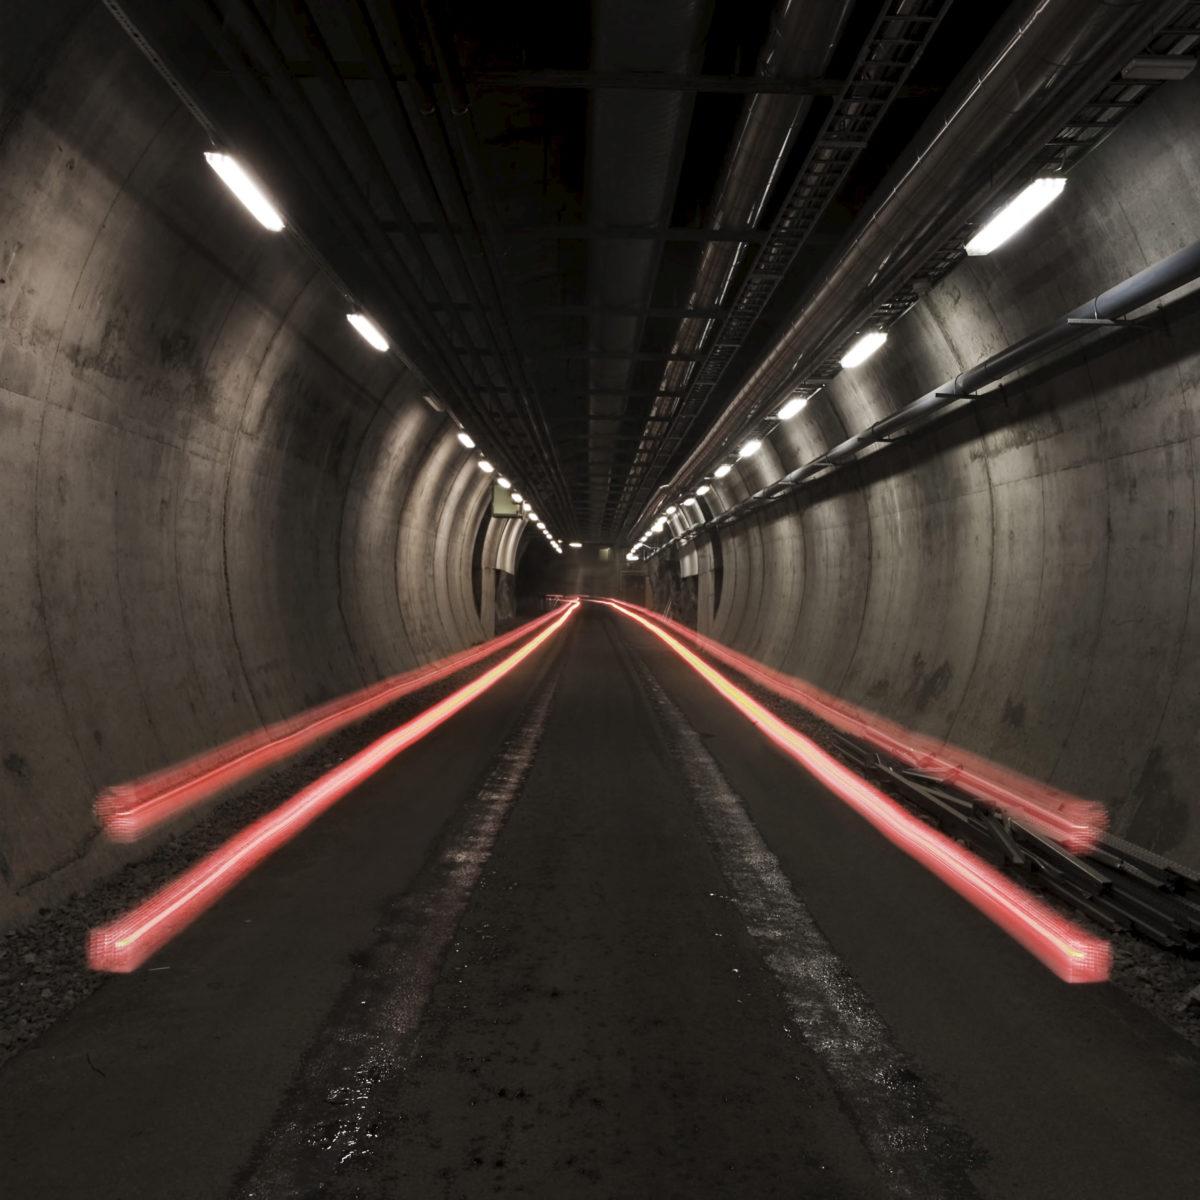 Bilde fra tunnel Nasjonalbiblioteket i Rana